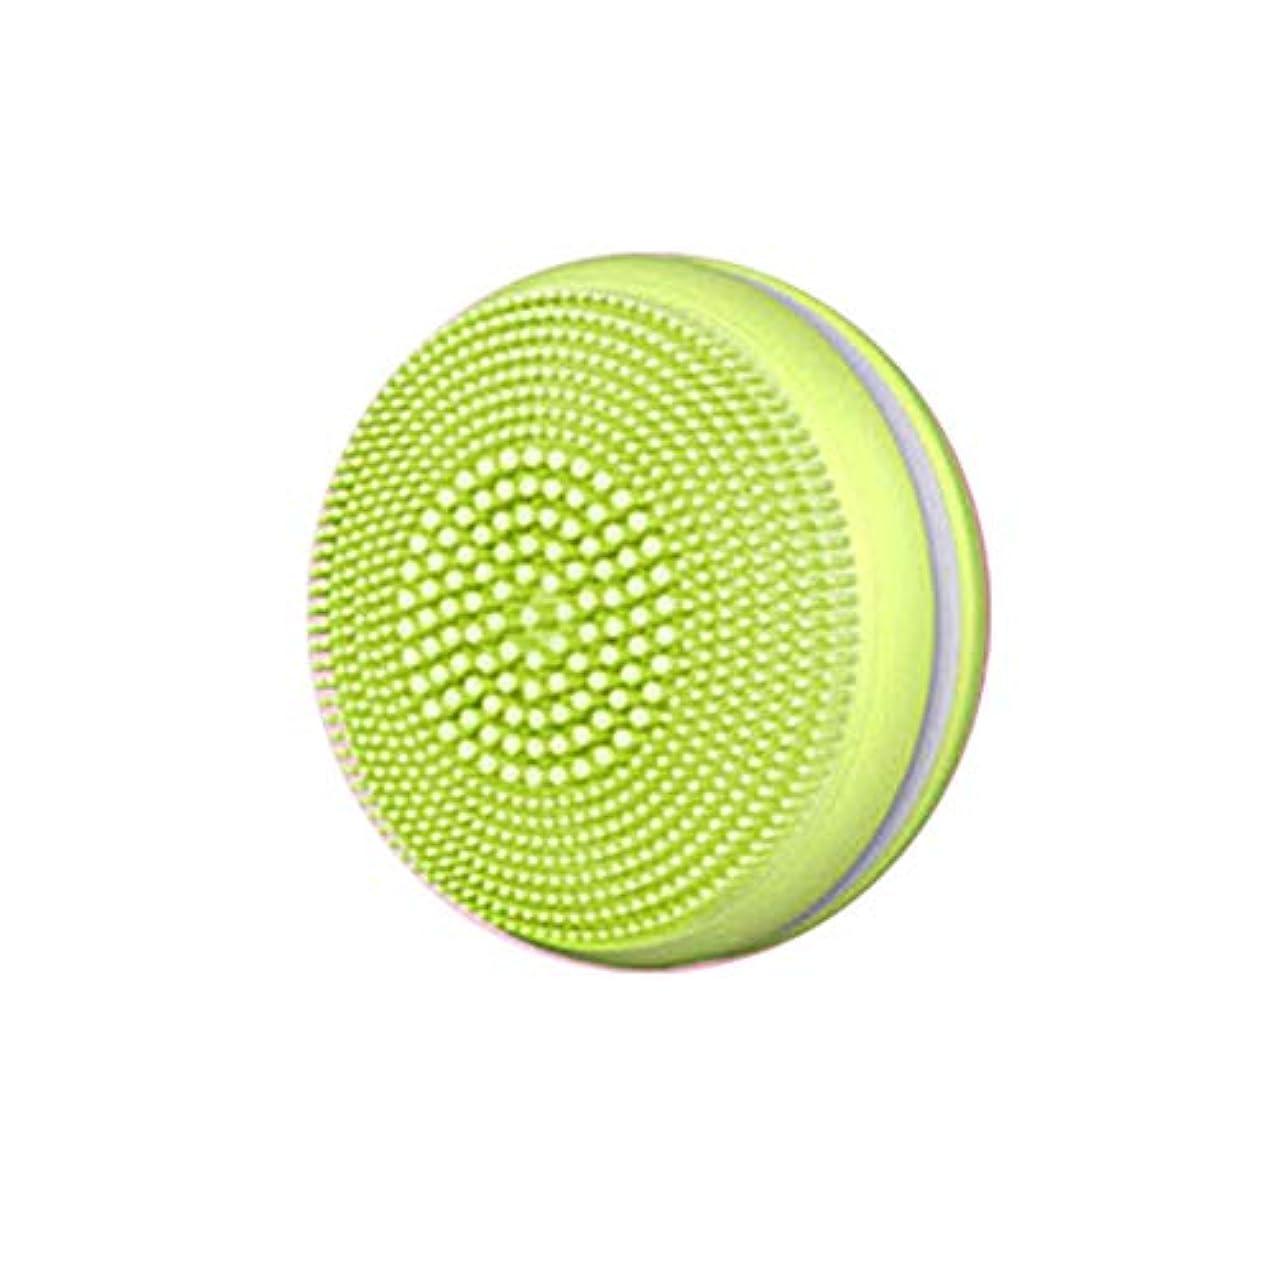 バウンスお金ゴムスイングTenflyer 1ピース電気フェイシャルブラシクレンザー超音波シリコーンフェイシャルマッサージ